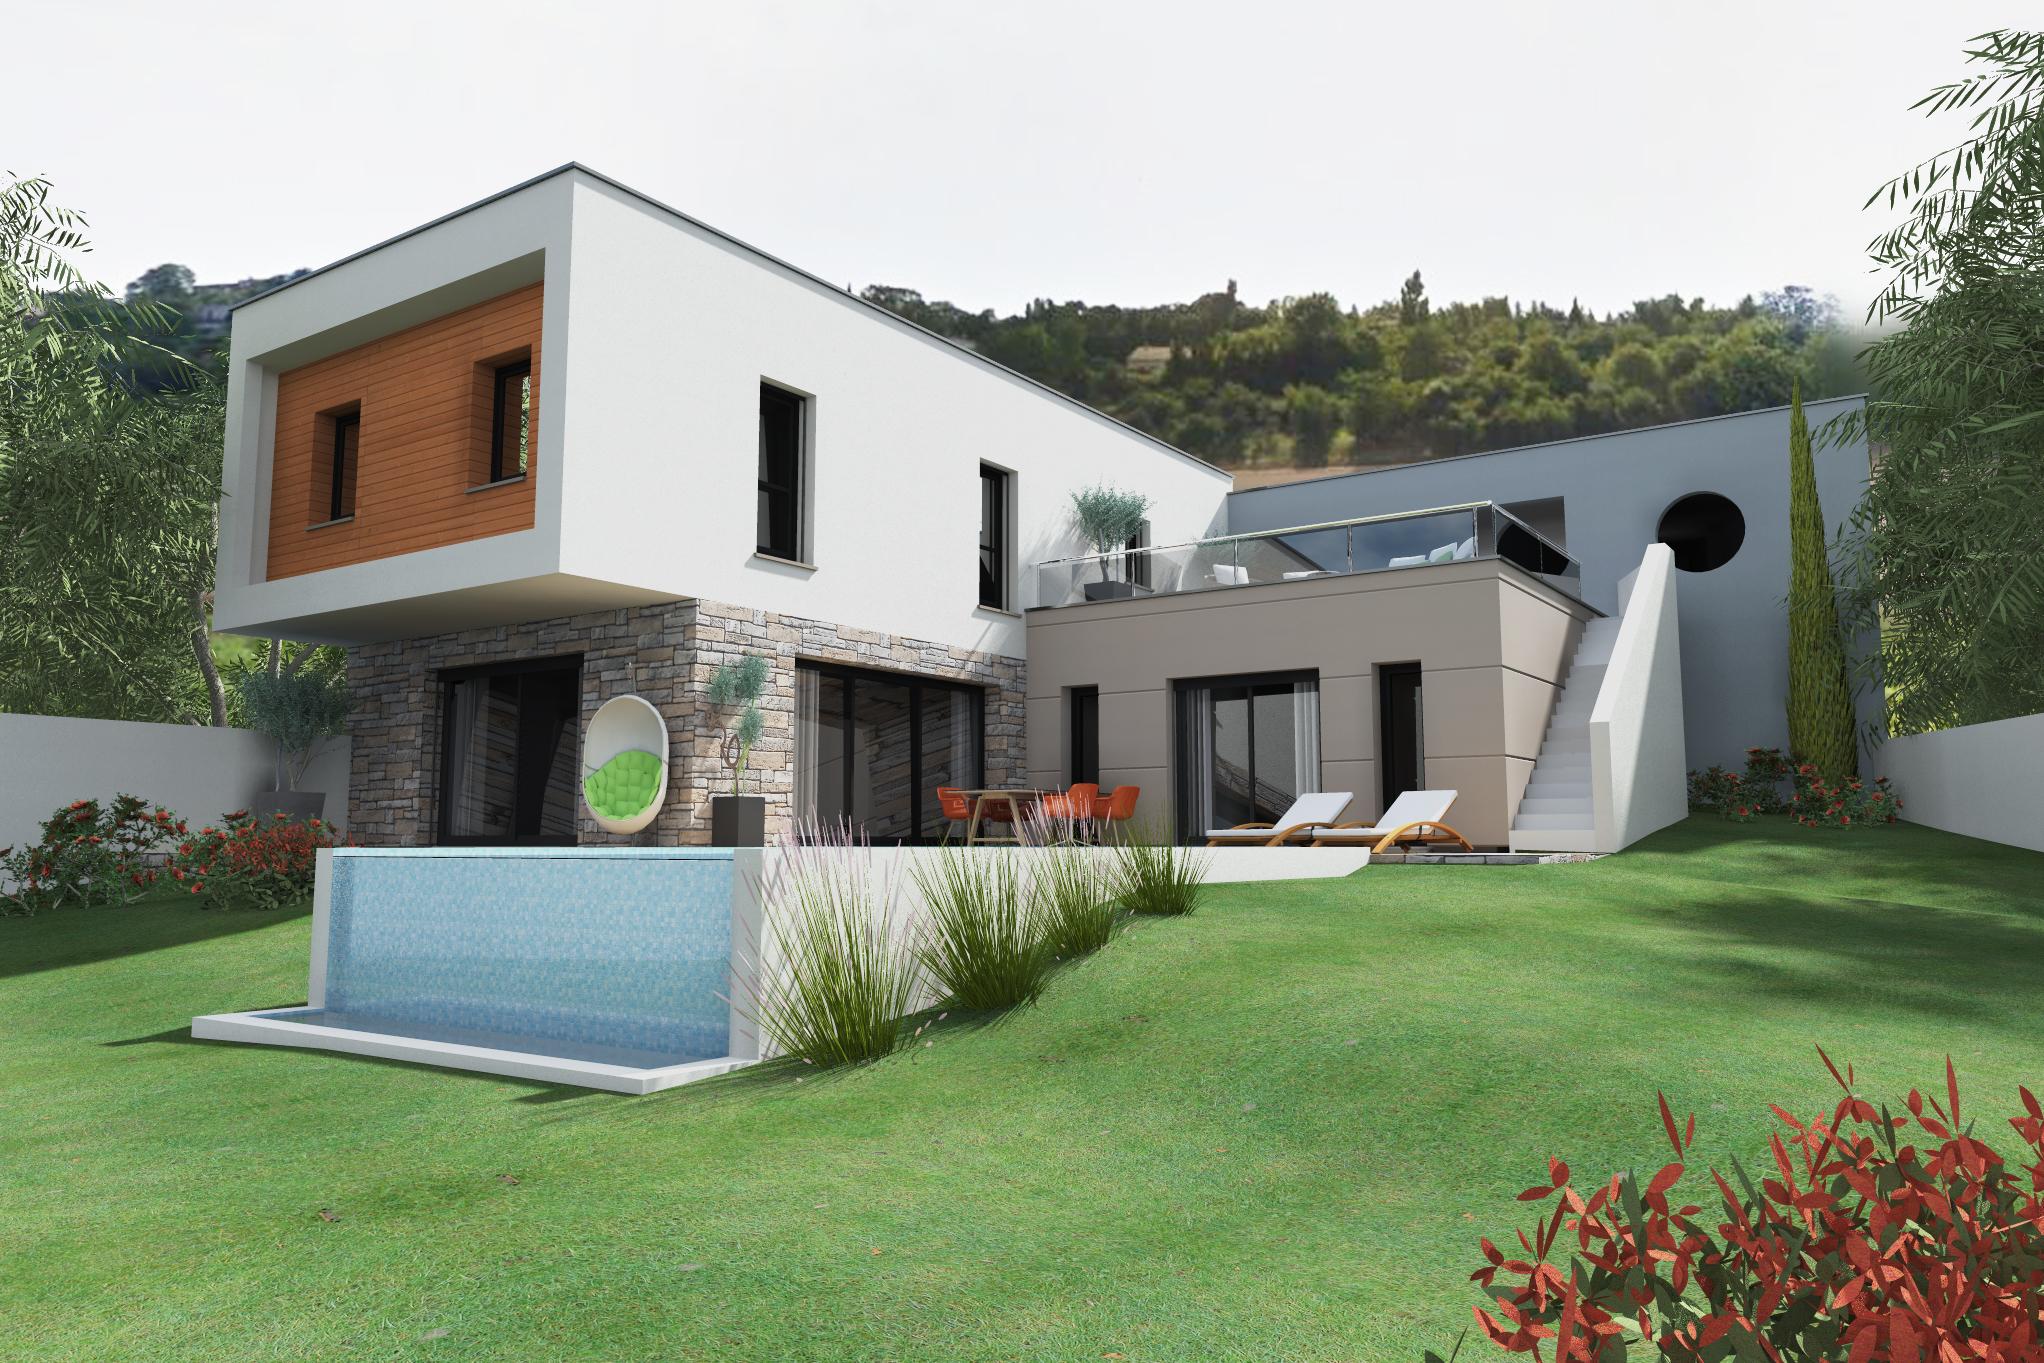 Maisons du constructeur MAISON DU DAUPHINE • 180 m² • ETOILE SUR RHONE